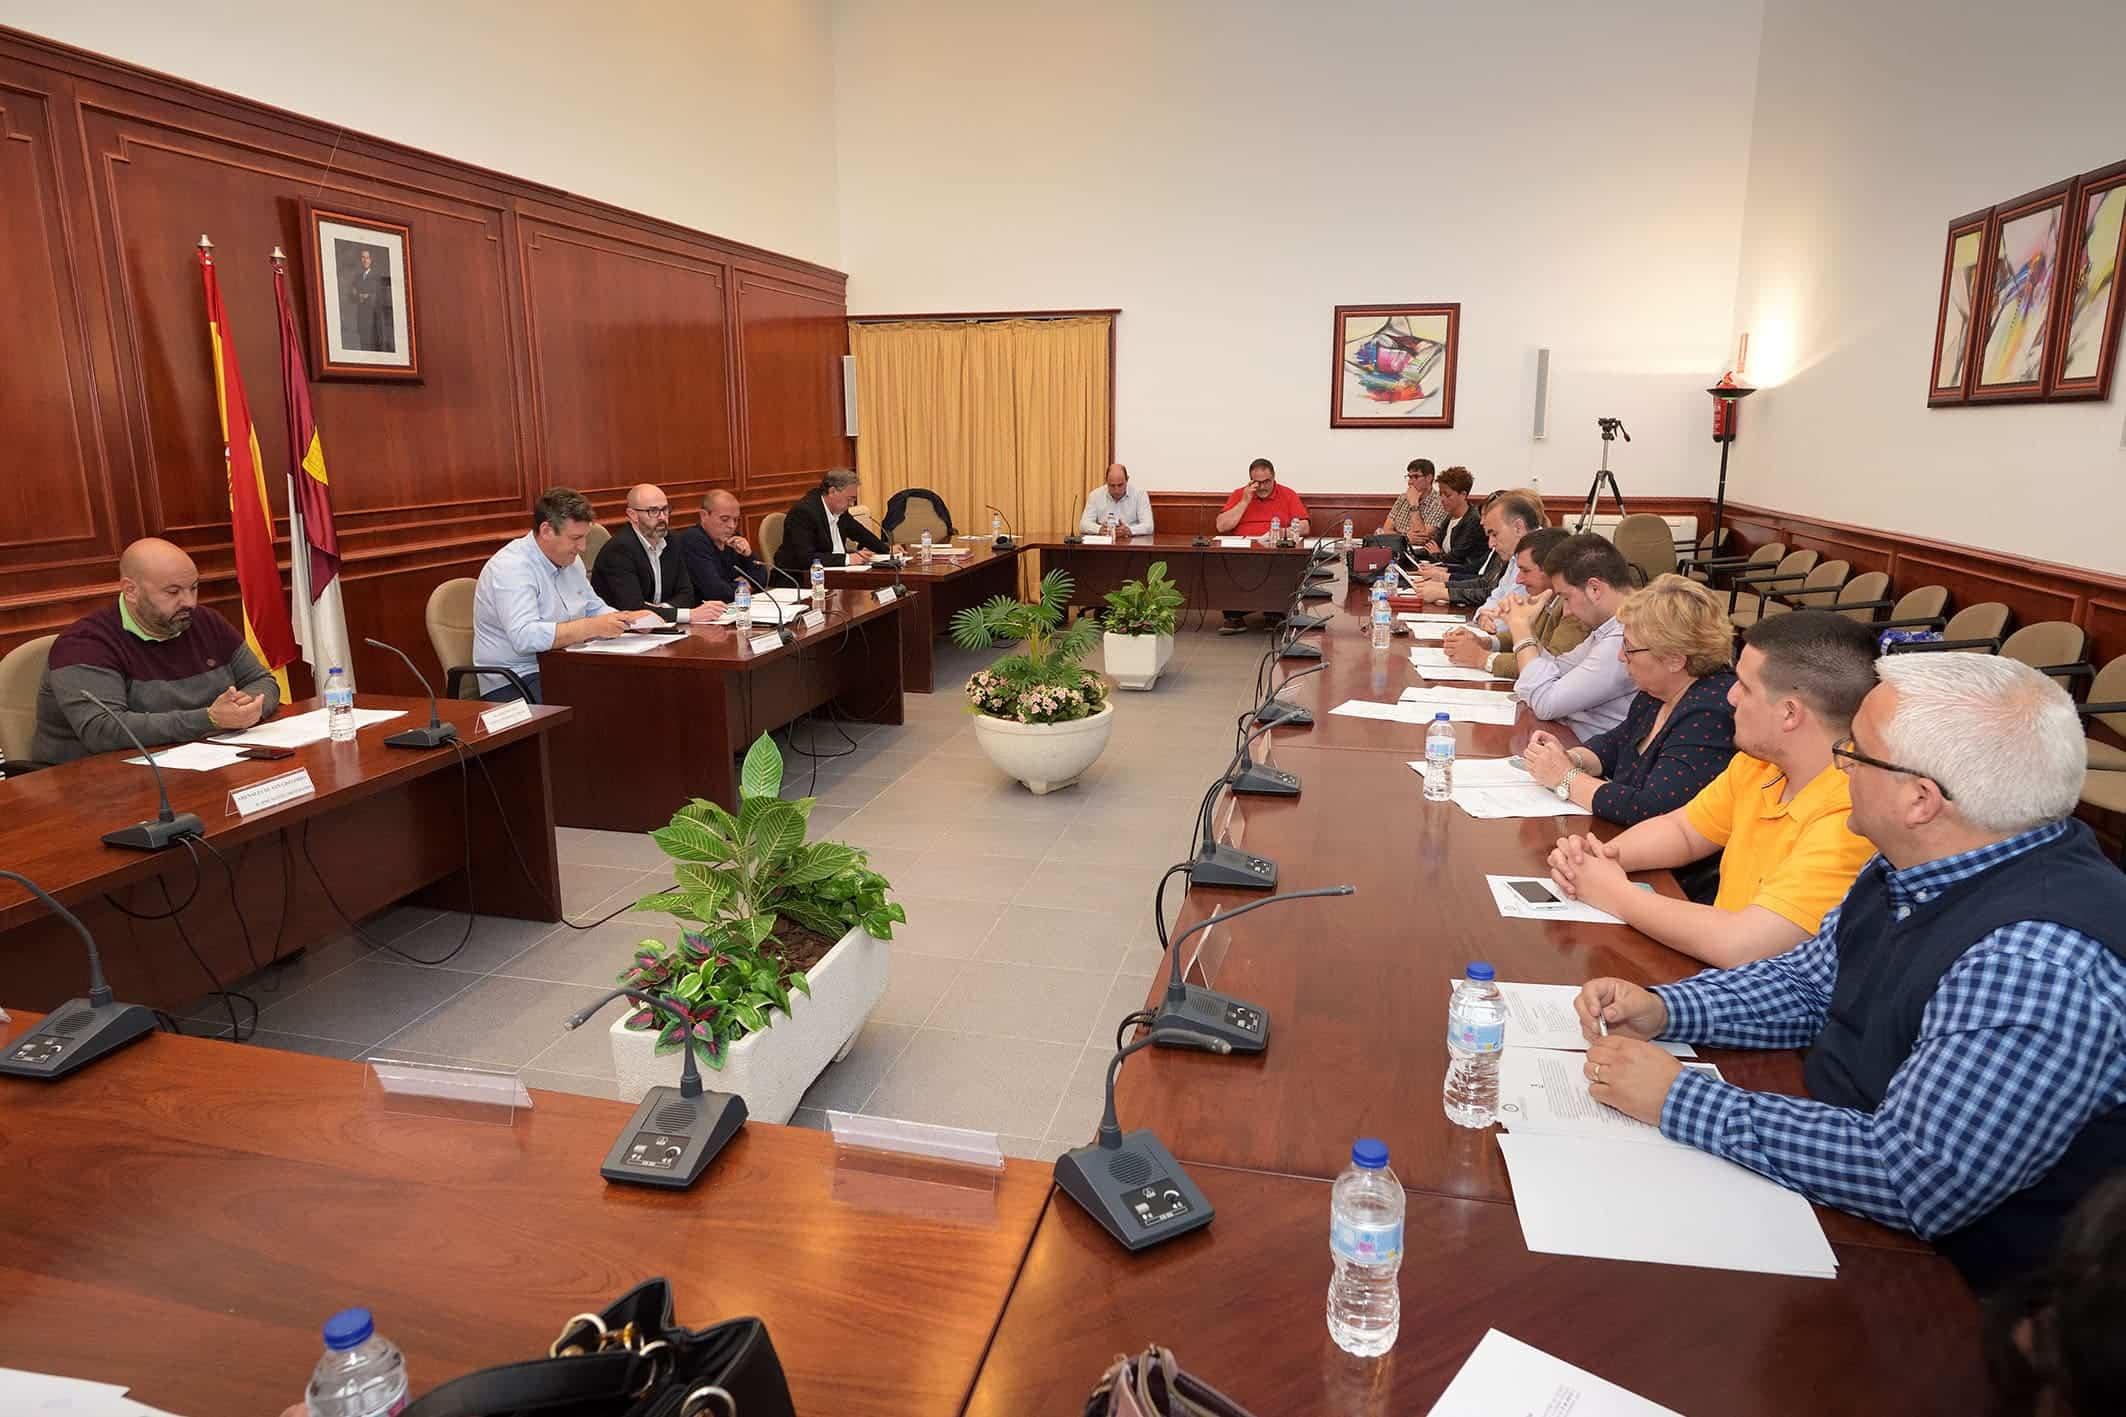 pleno ordinario comsermancha - Comsermancha continua la rescisión del RCD's de Herencia y aprueba cuenta general 2018